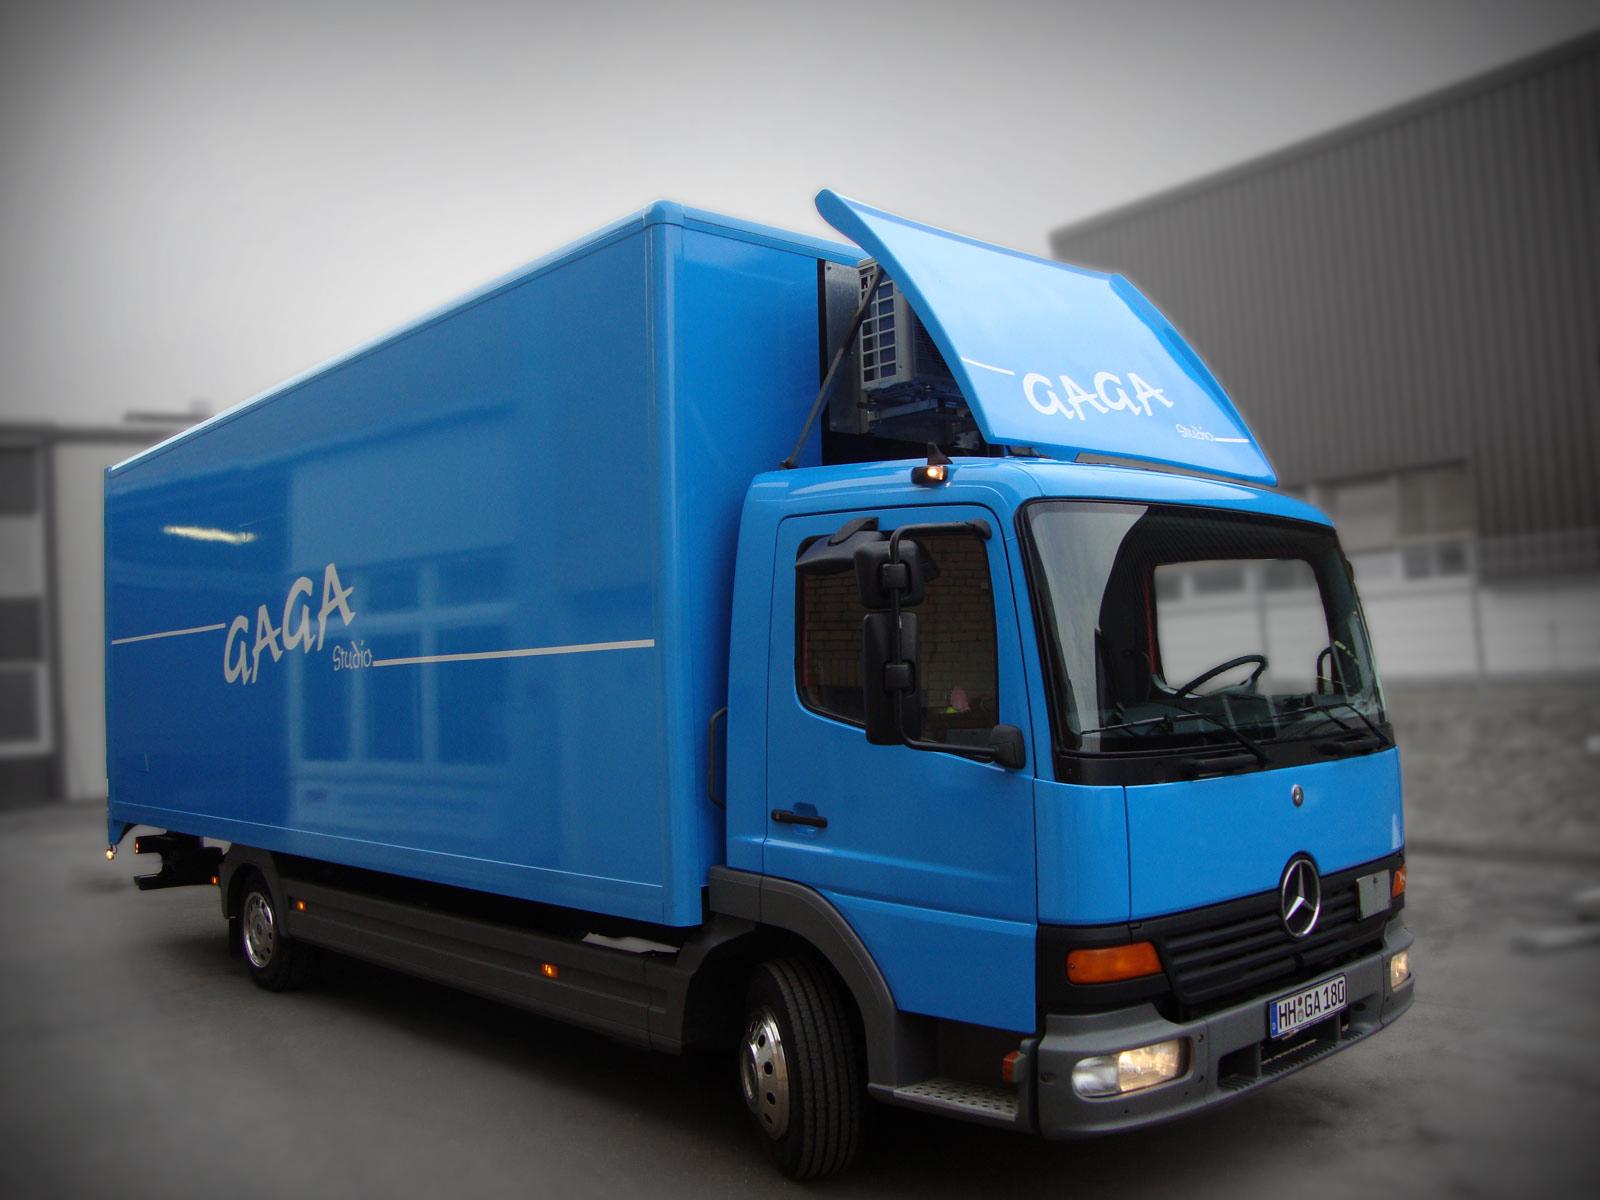 LKW Folierung in blau mit Beschriftung an den Seiten.